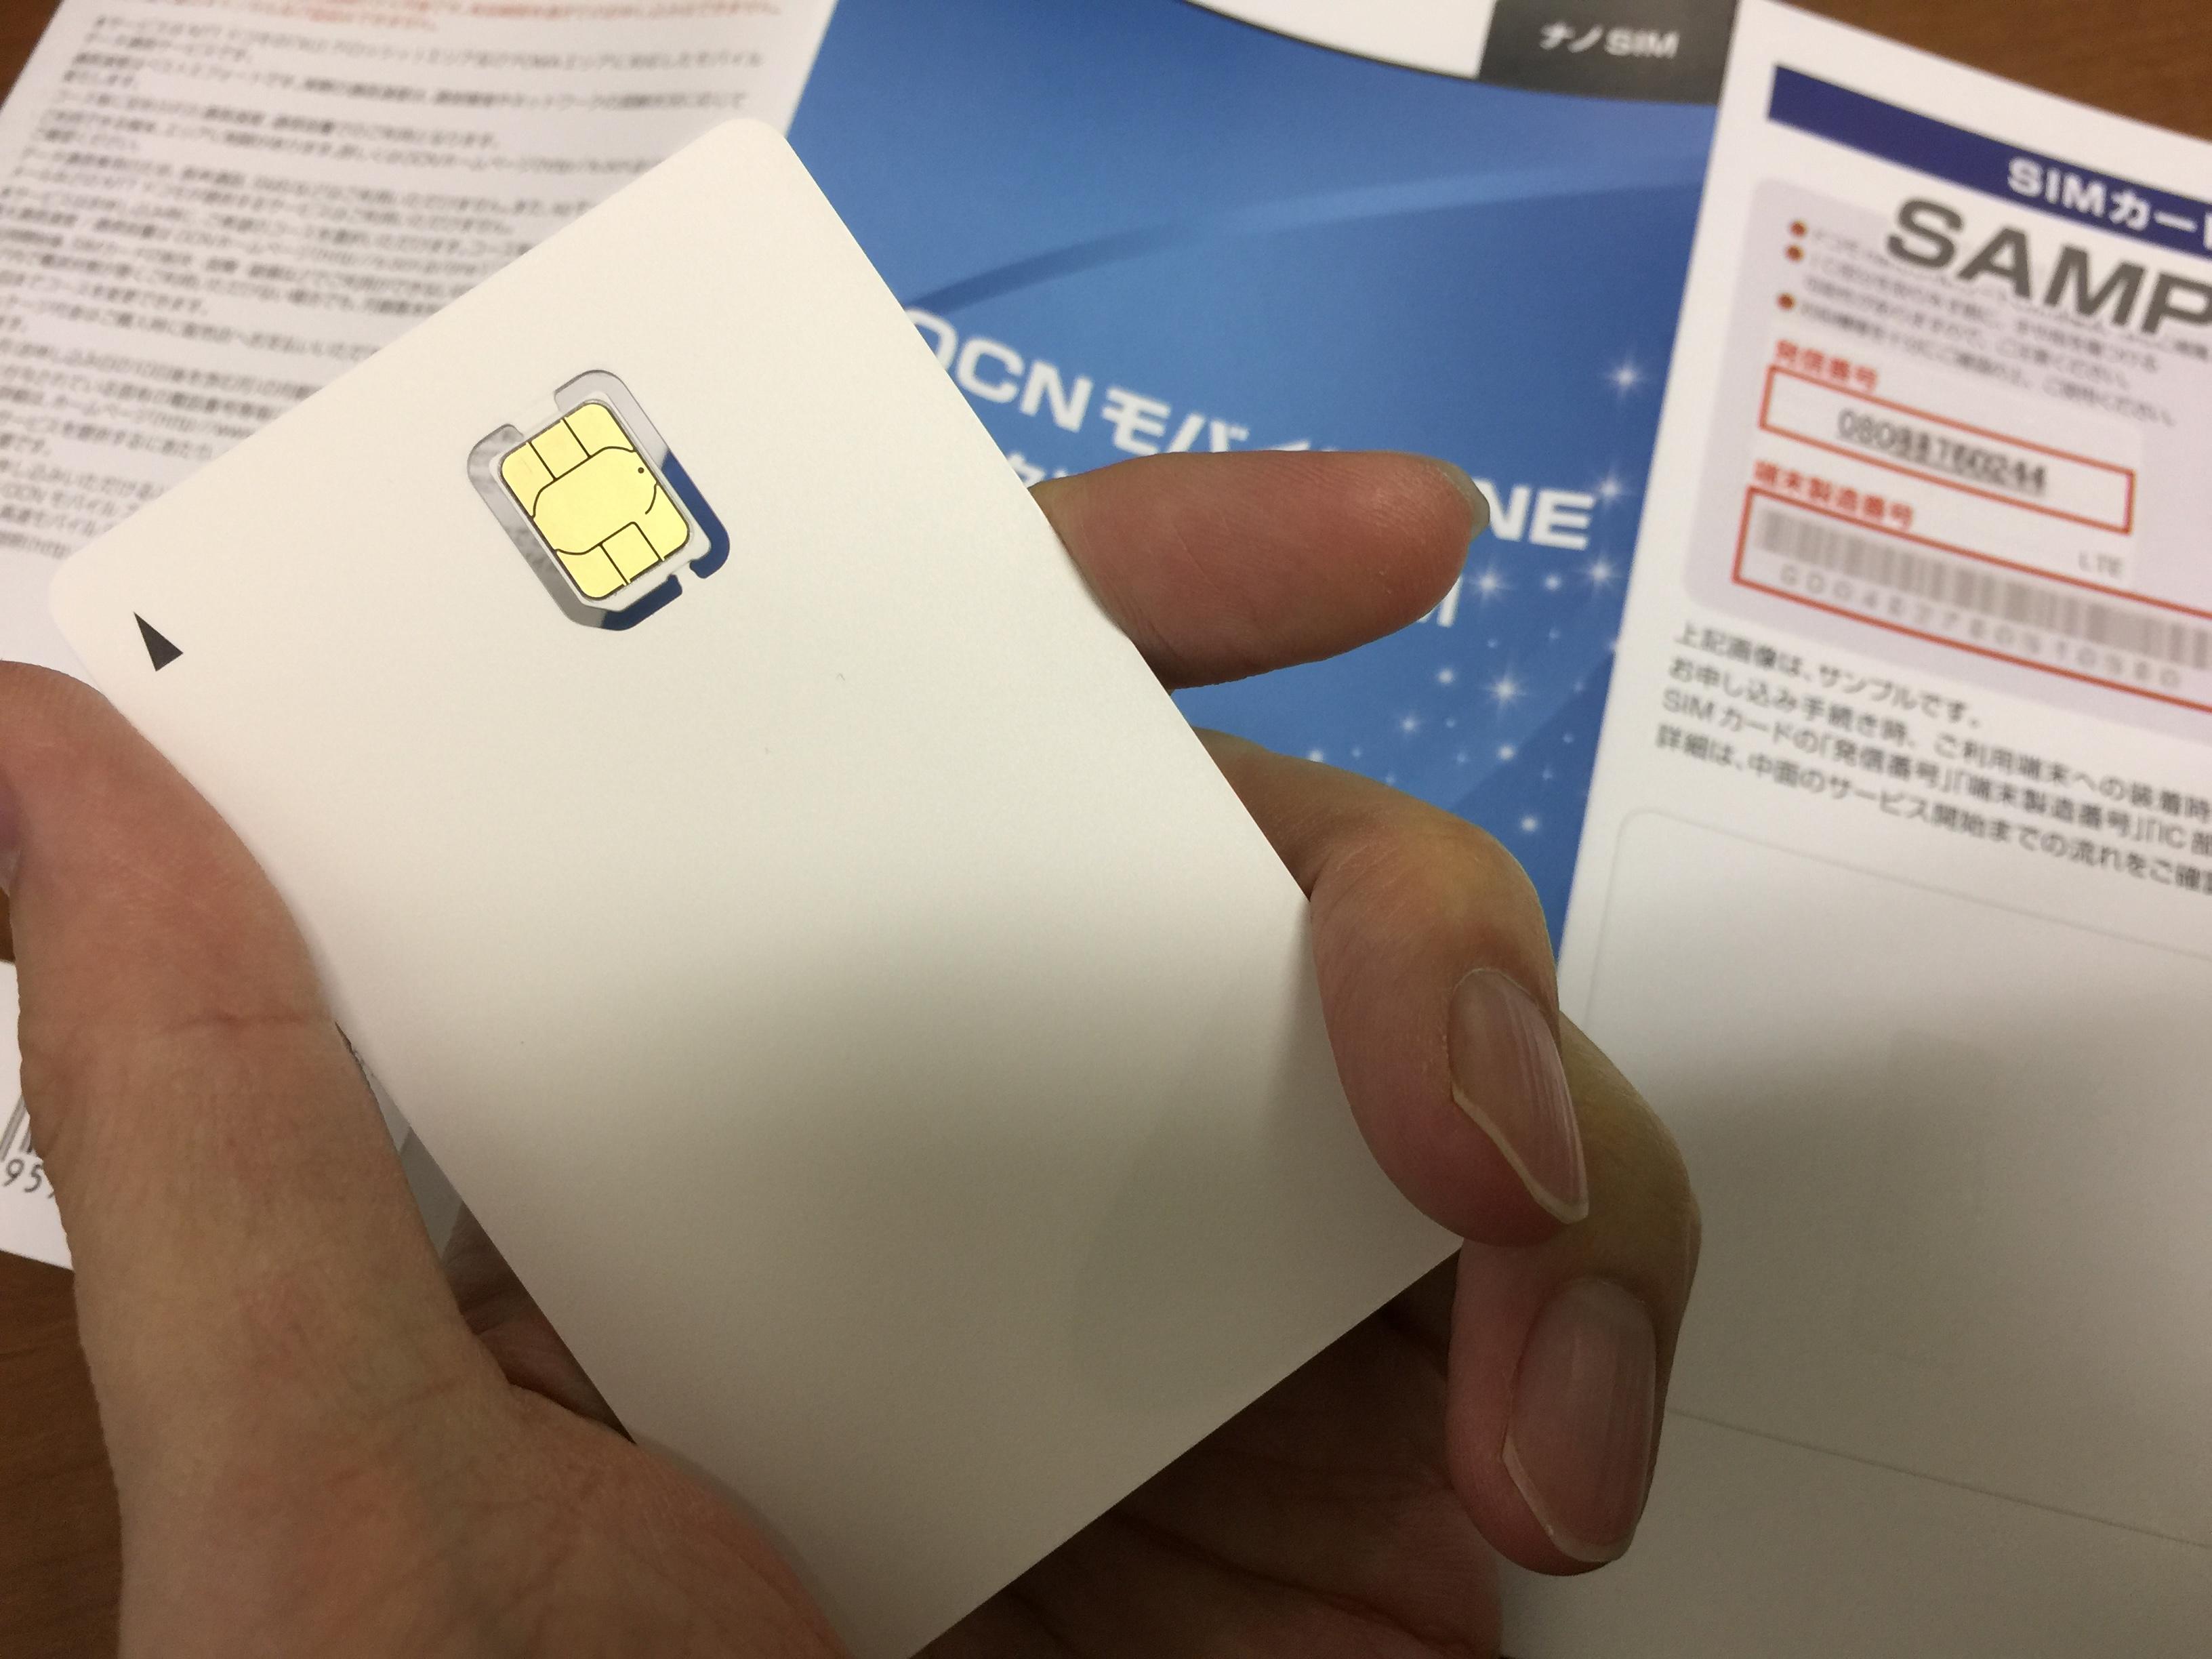 OCNモバイルONE SIMカードの設定